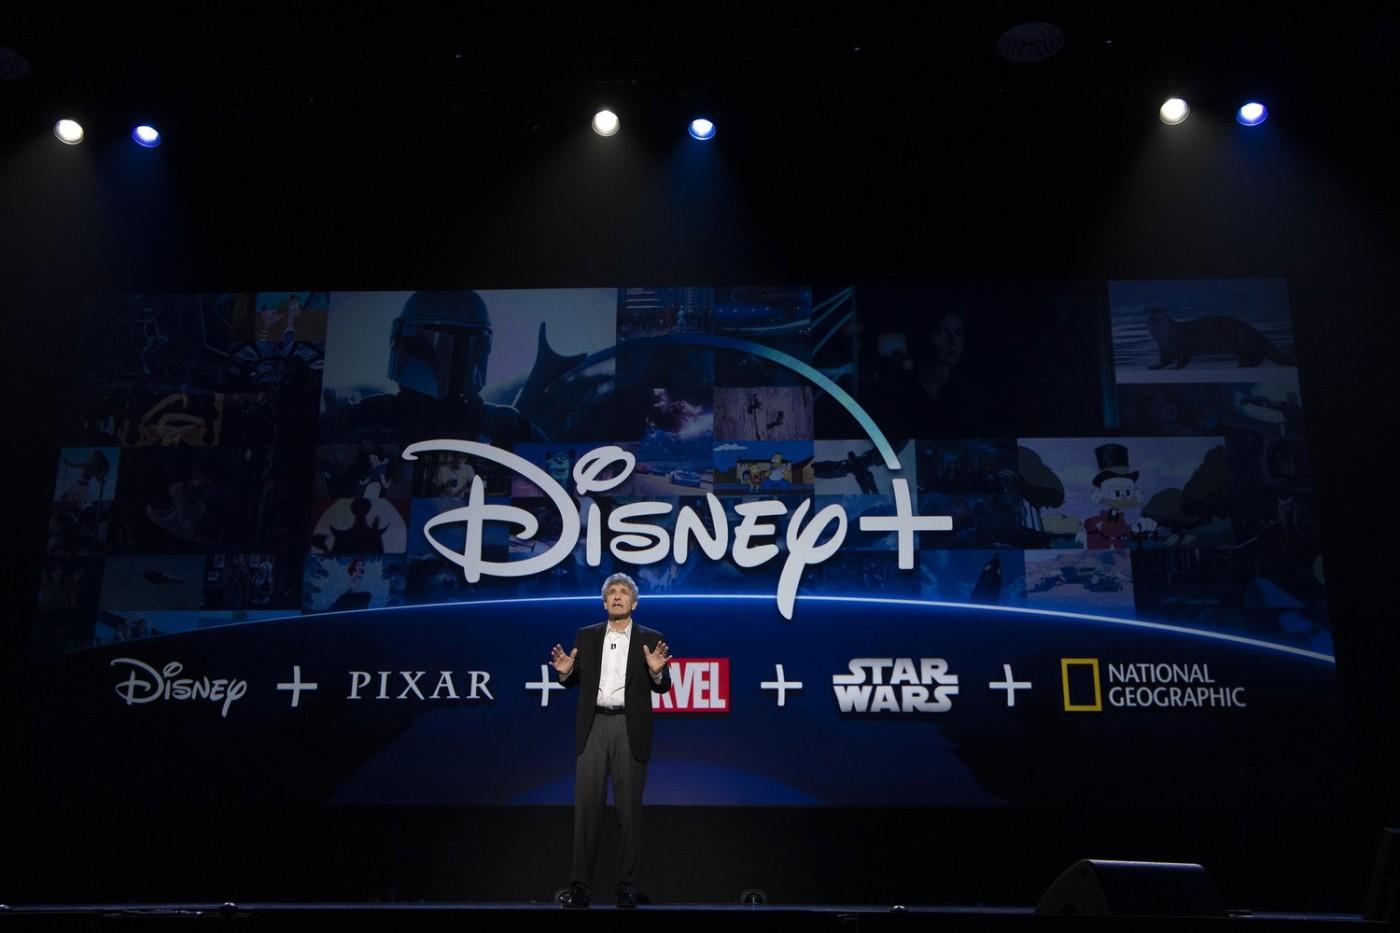 完勝Netflix?Disney+兩個月突破4千萬用戶、進帳9千萬美元,打趴眾對手